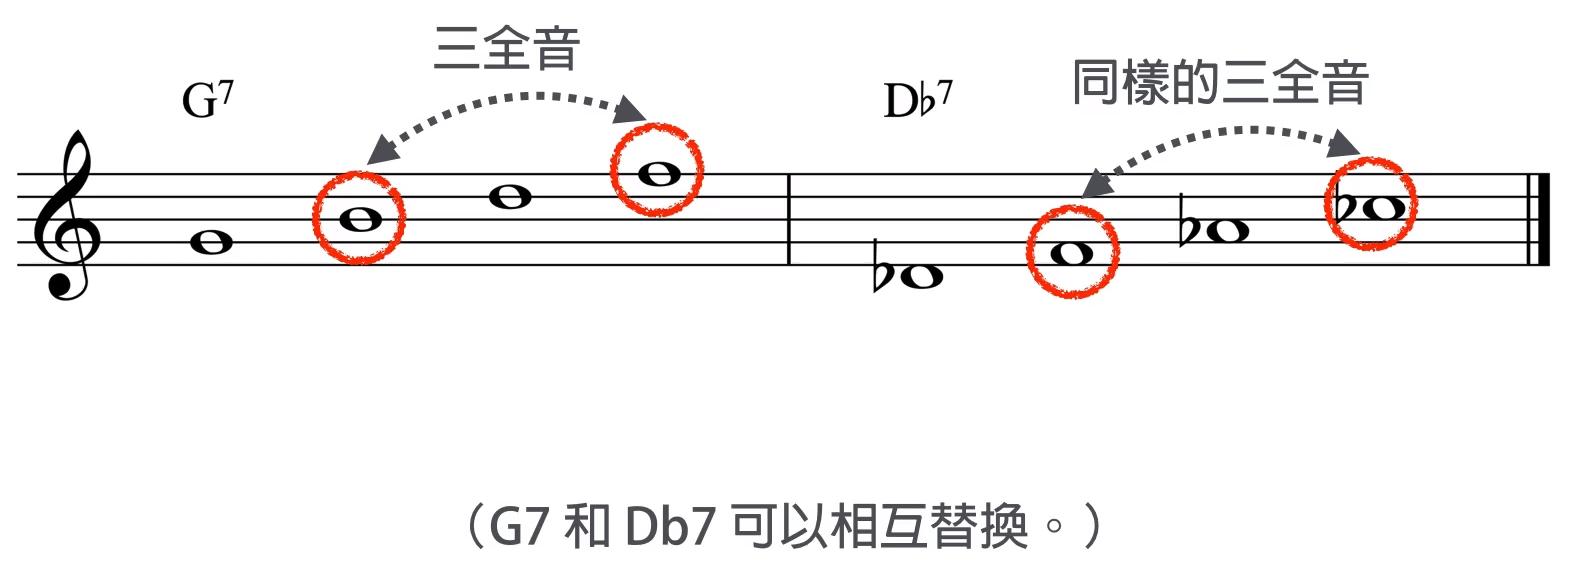 G7 和 Db7